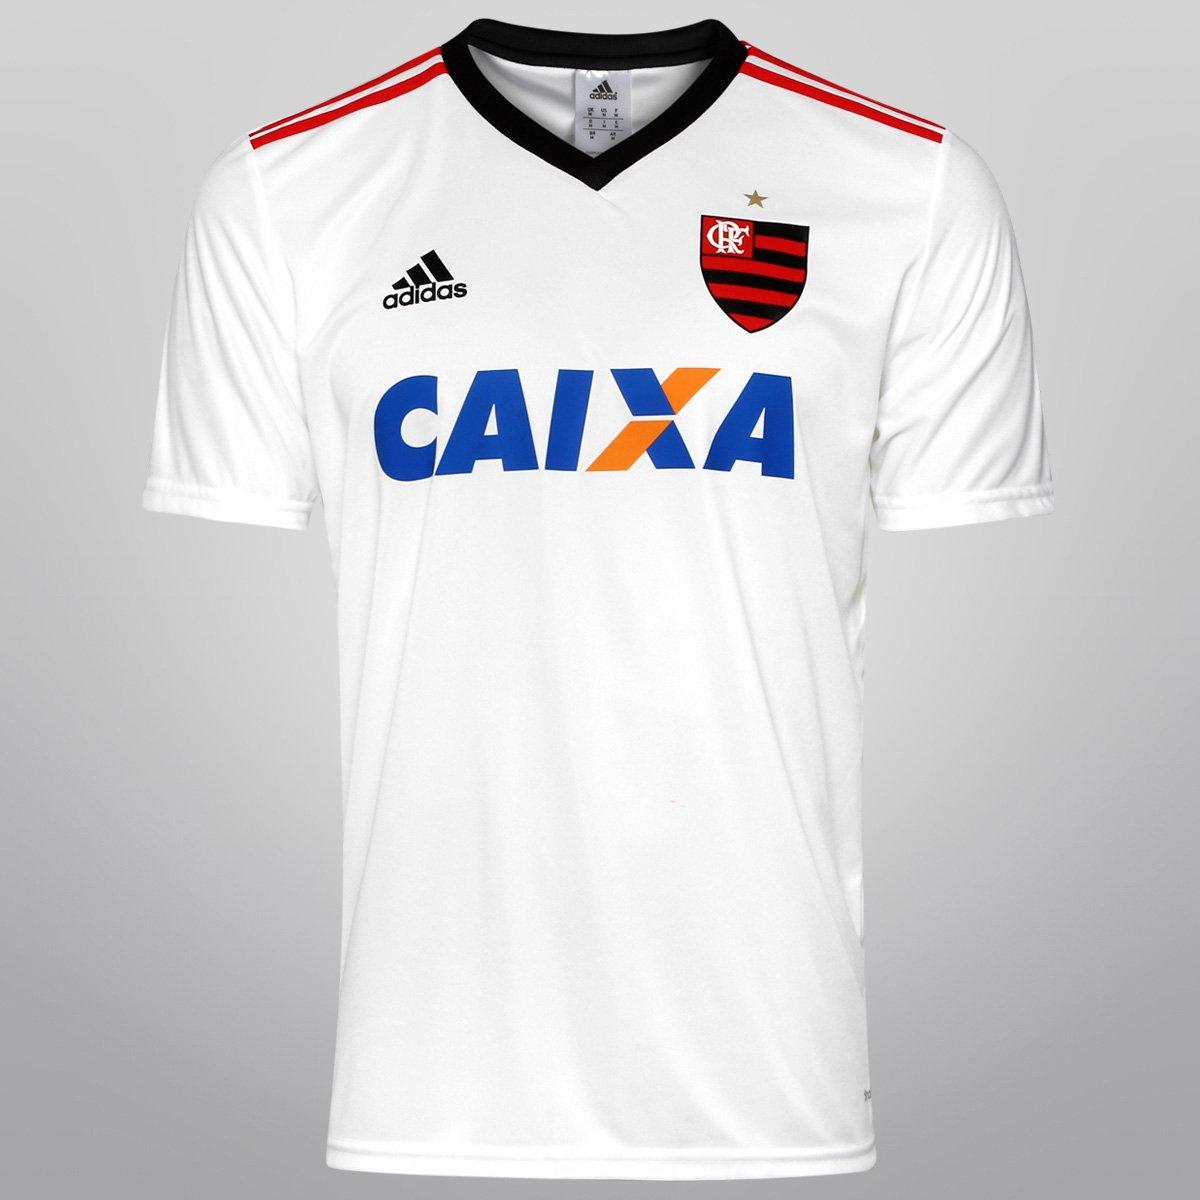 Camisa Adidas Flamengo II 14 15 s nº - Compre Agora  10f564710d1